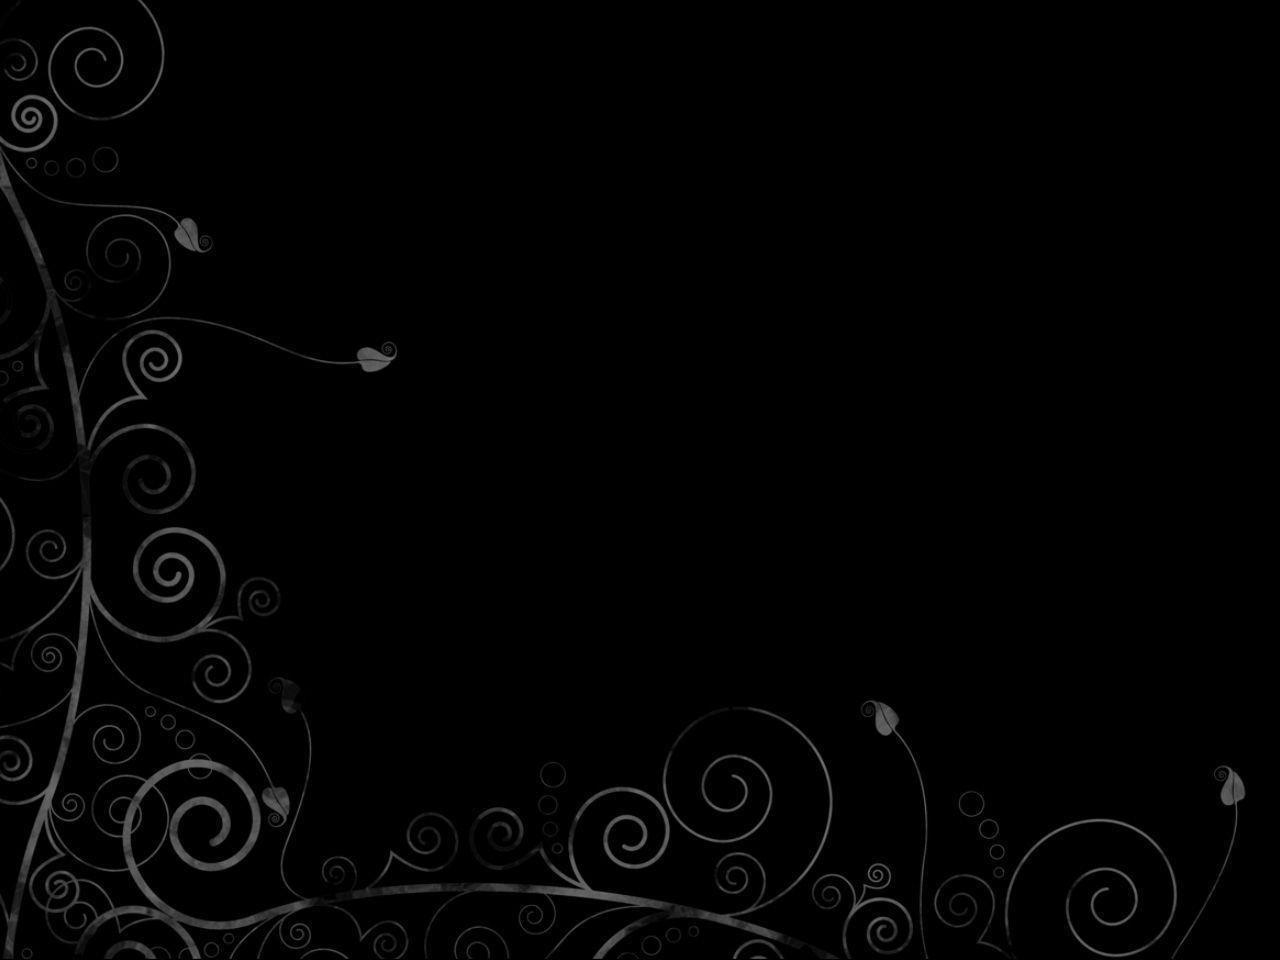 Download 41 Koleksi Wallpaper Hp Simple Hd HD Terbaru